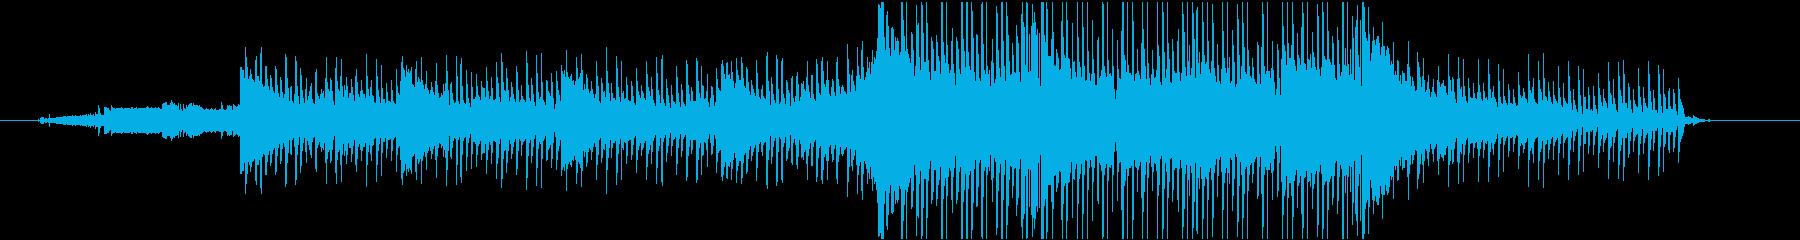 ピアノをテーマにした幻想的なバラードの再生済みの波形